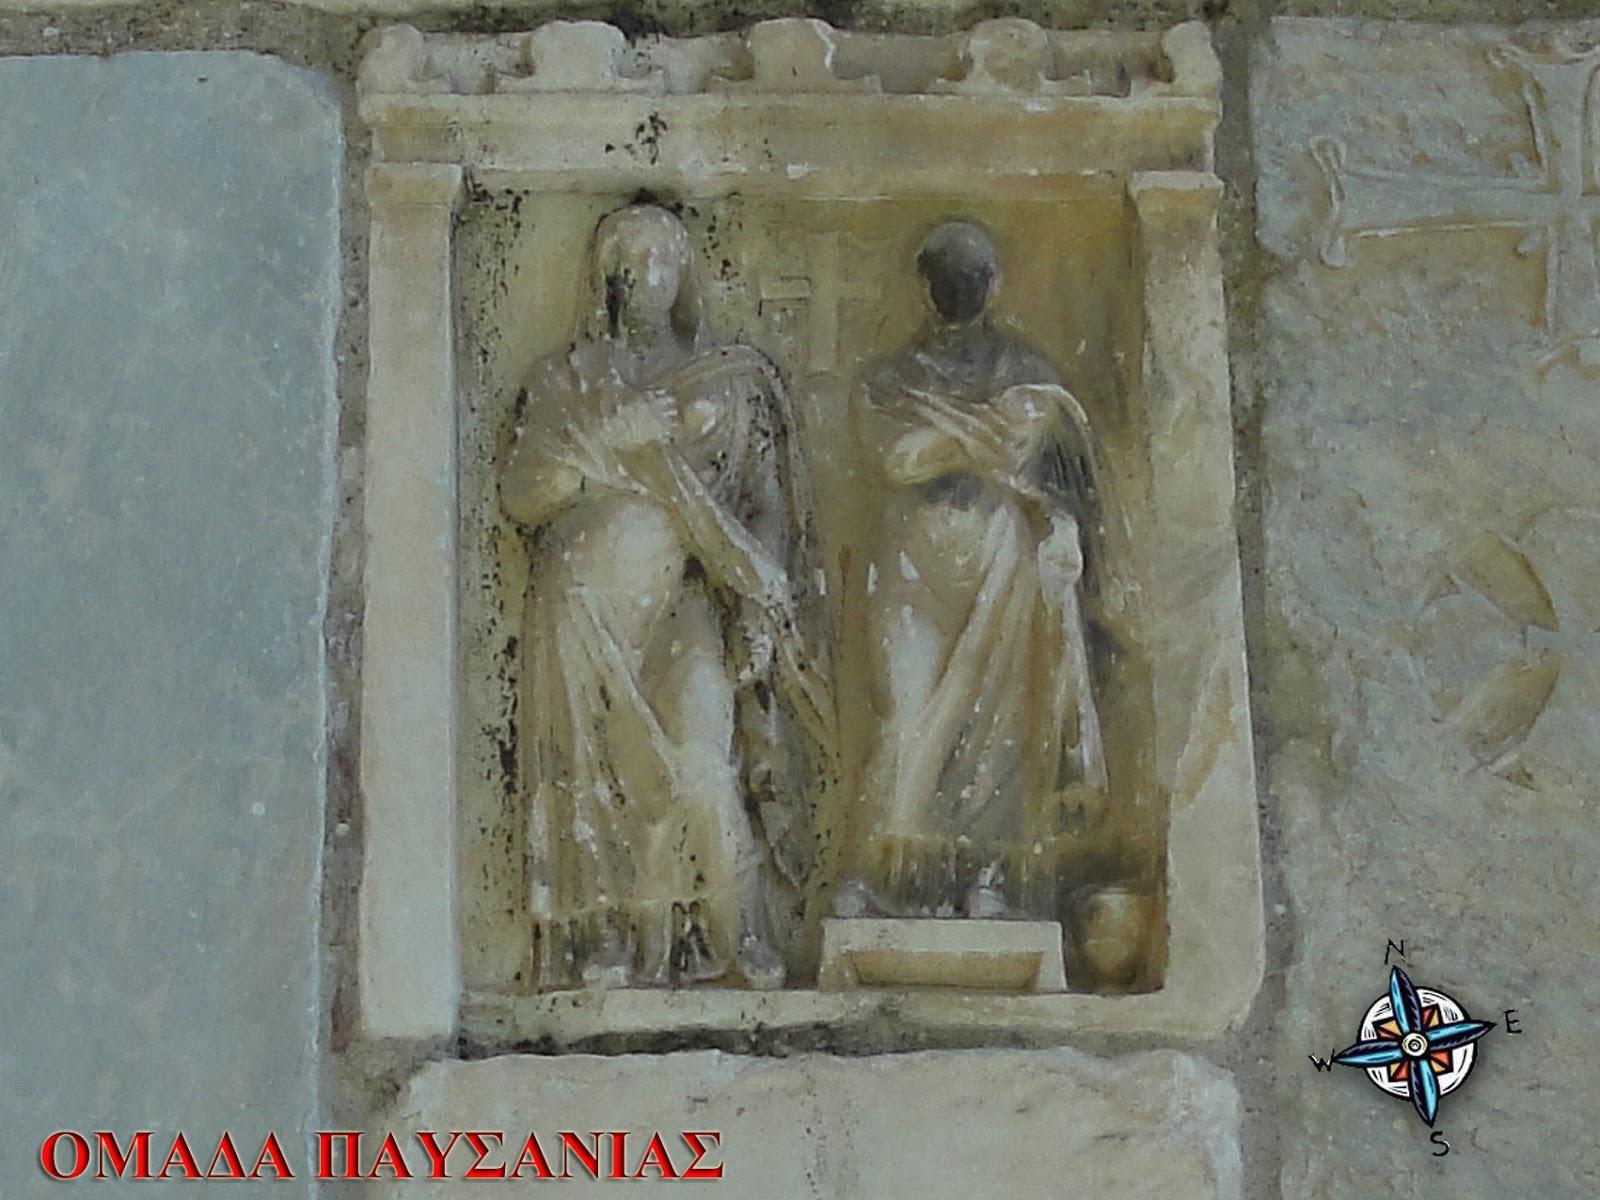 Αρχαία επιτύμβια στήλη με δύο γυναικείες μορφές και έναν Σταυρό να έχει προστεθεί εκ των υστέρων ανάμεσά τους.